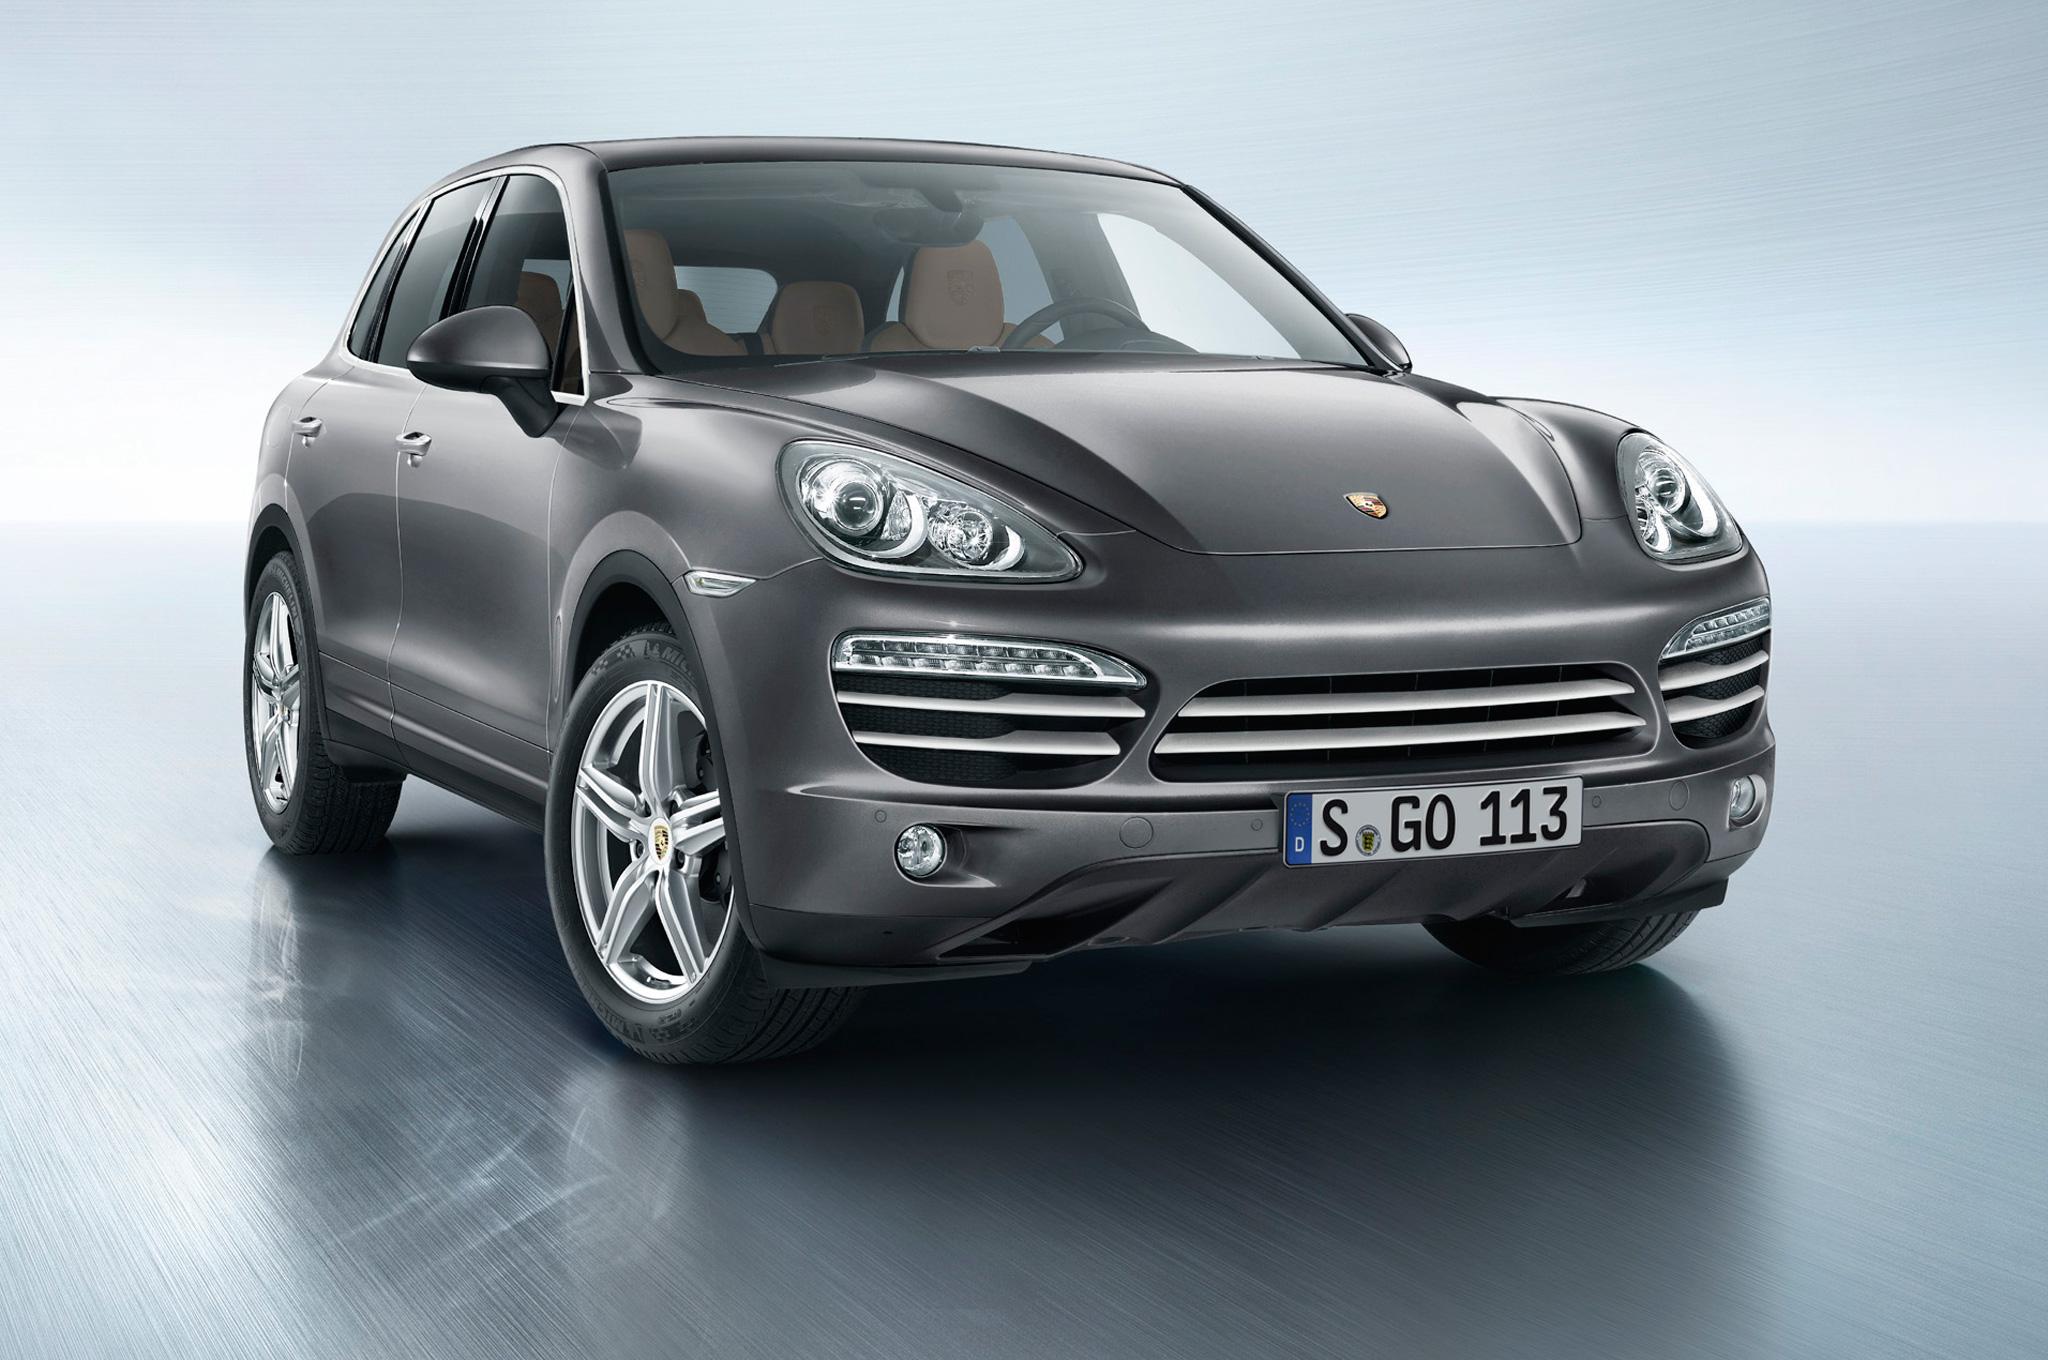 Nom : 2014-Porsche-Cayenne-Platinum-Edition-front-view.jpg Affichages : 865 Taille : 592,8 Ko